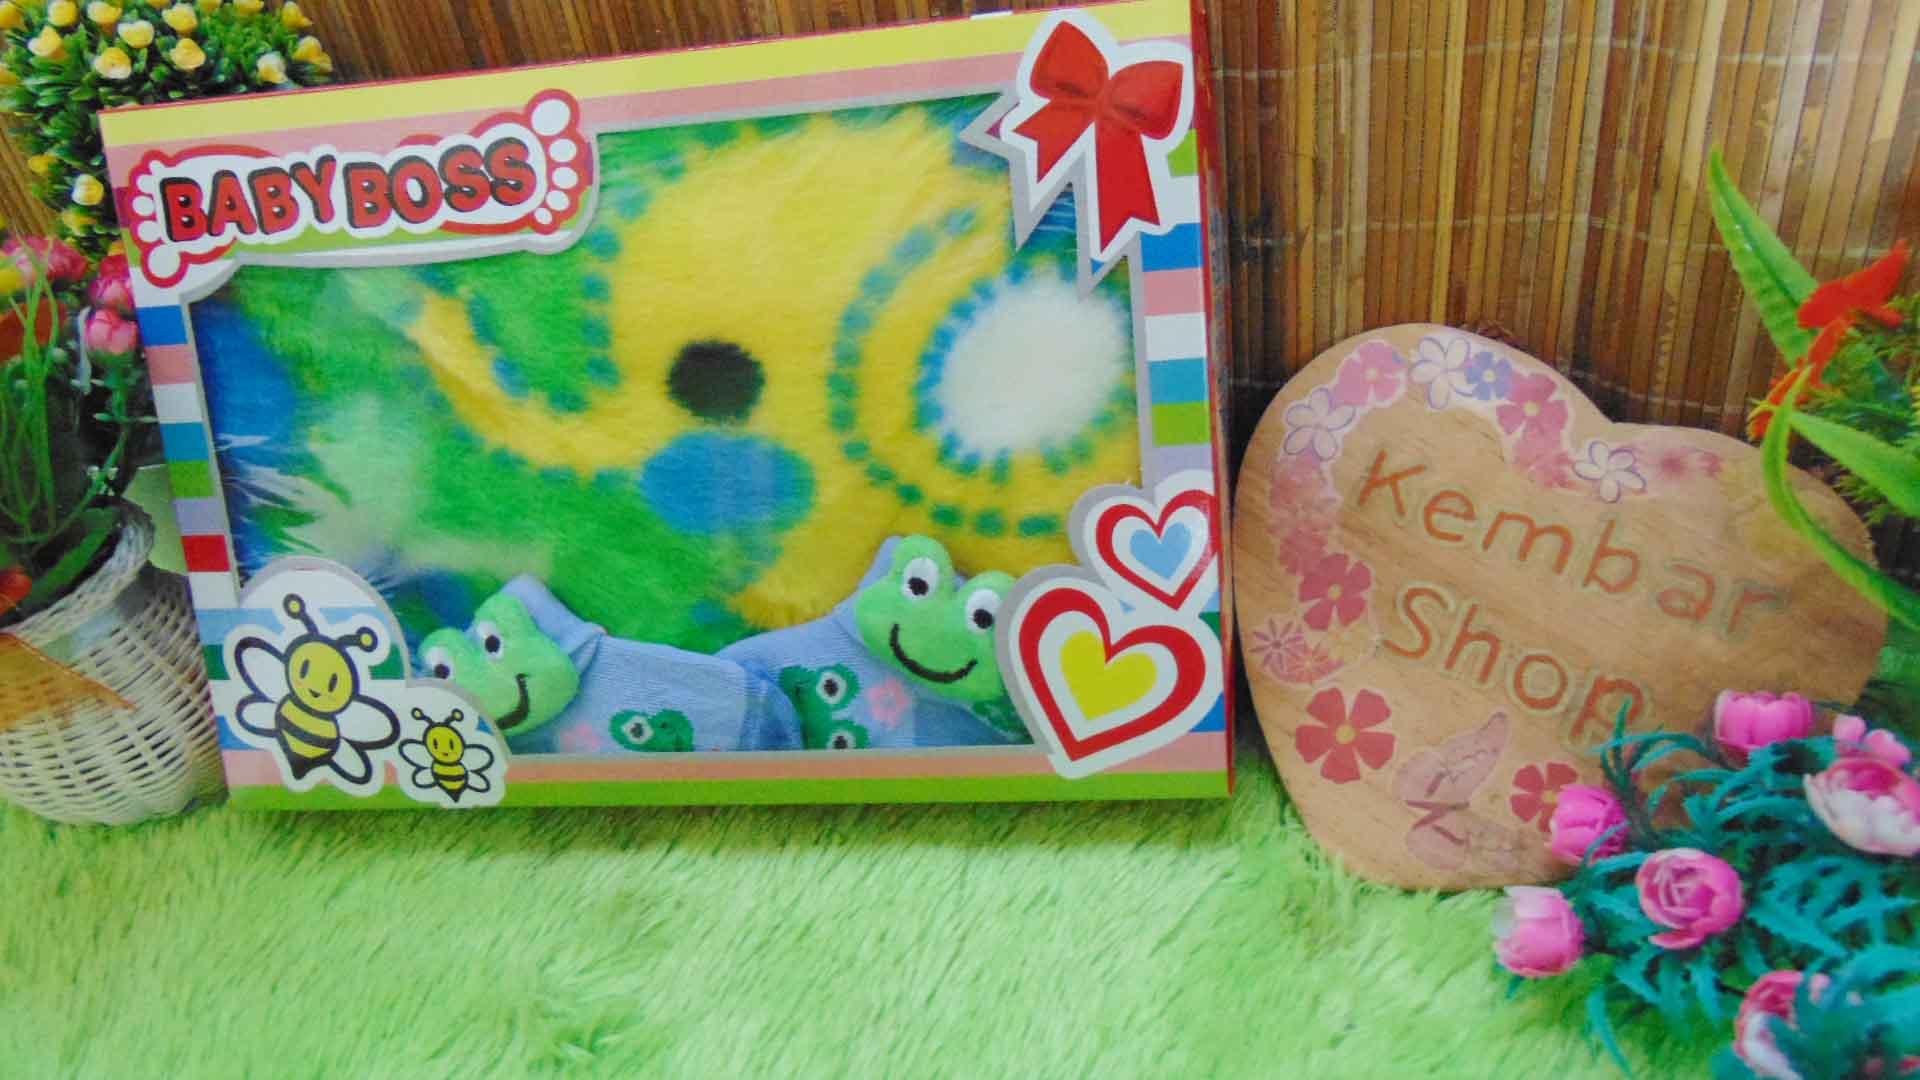 FREE KARTU UCAPAN Paket Kado Bayi Baru Lahir BabyBoss Selimut Bludru Kaos Kaki Boneka (2)